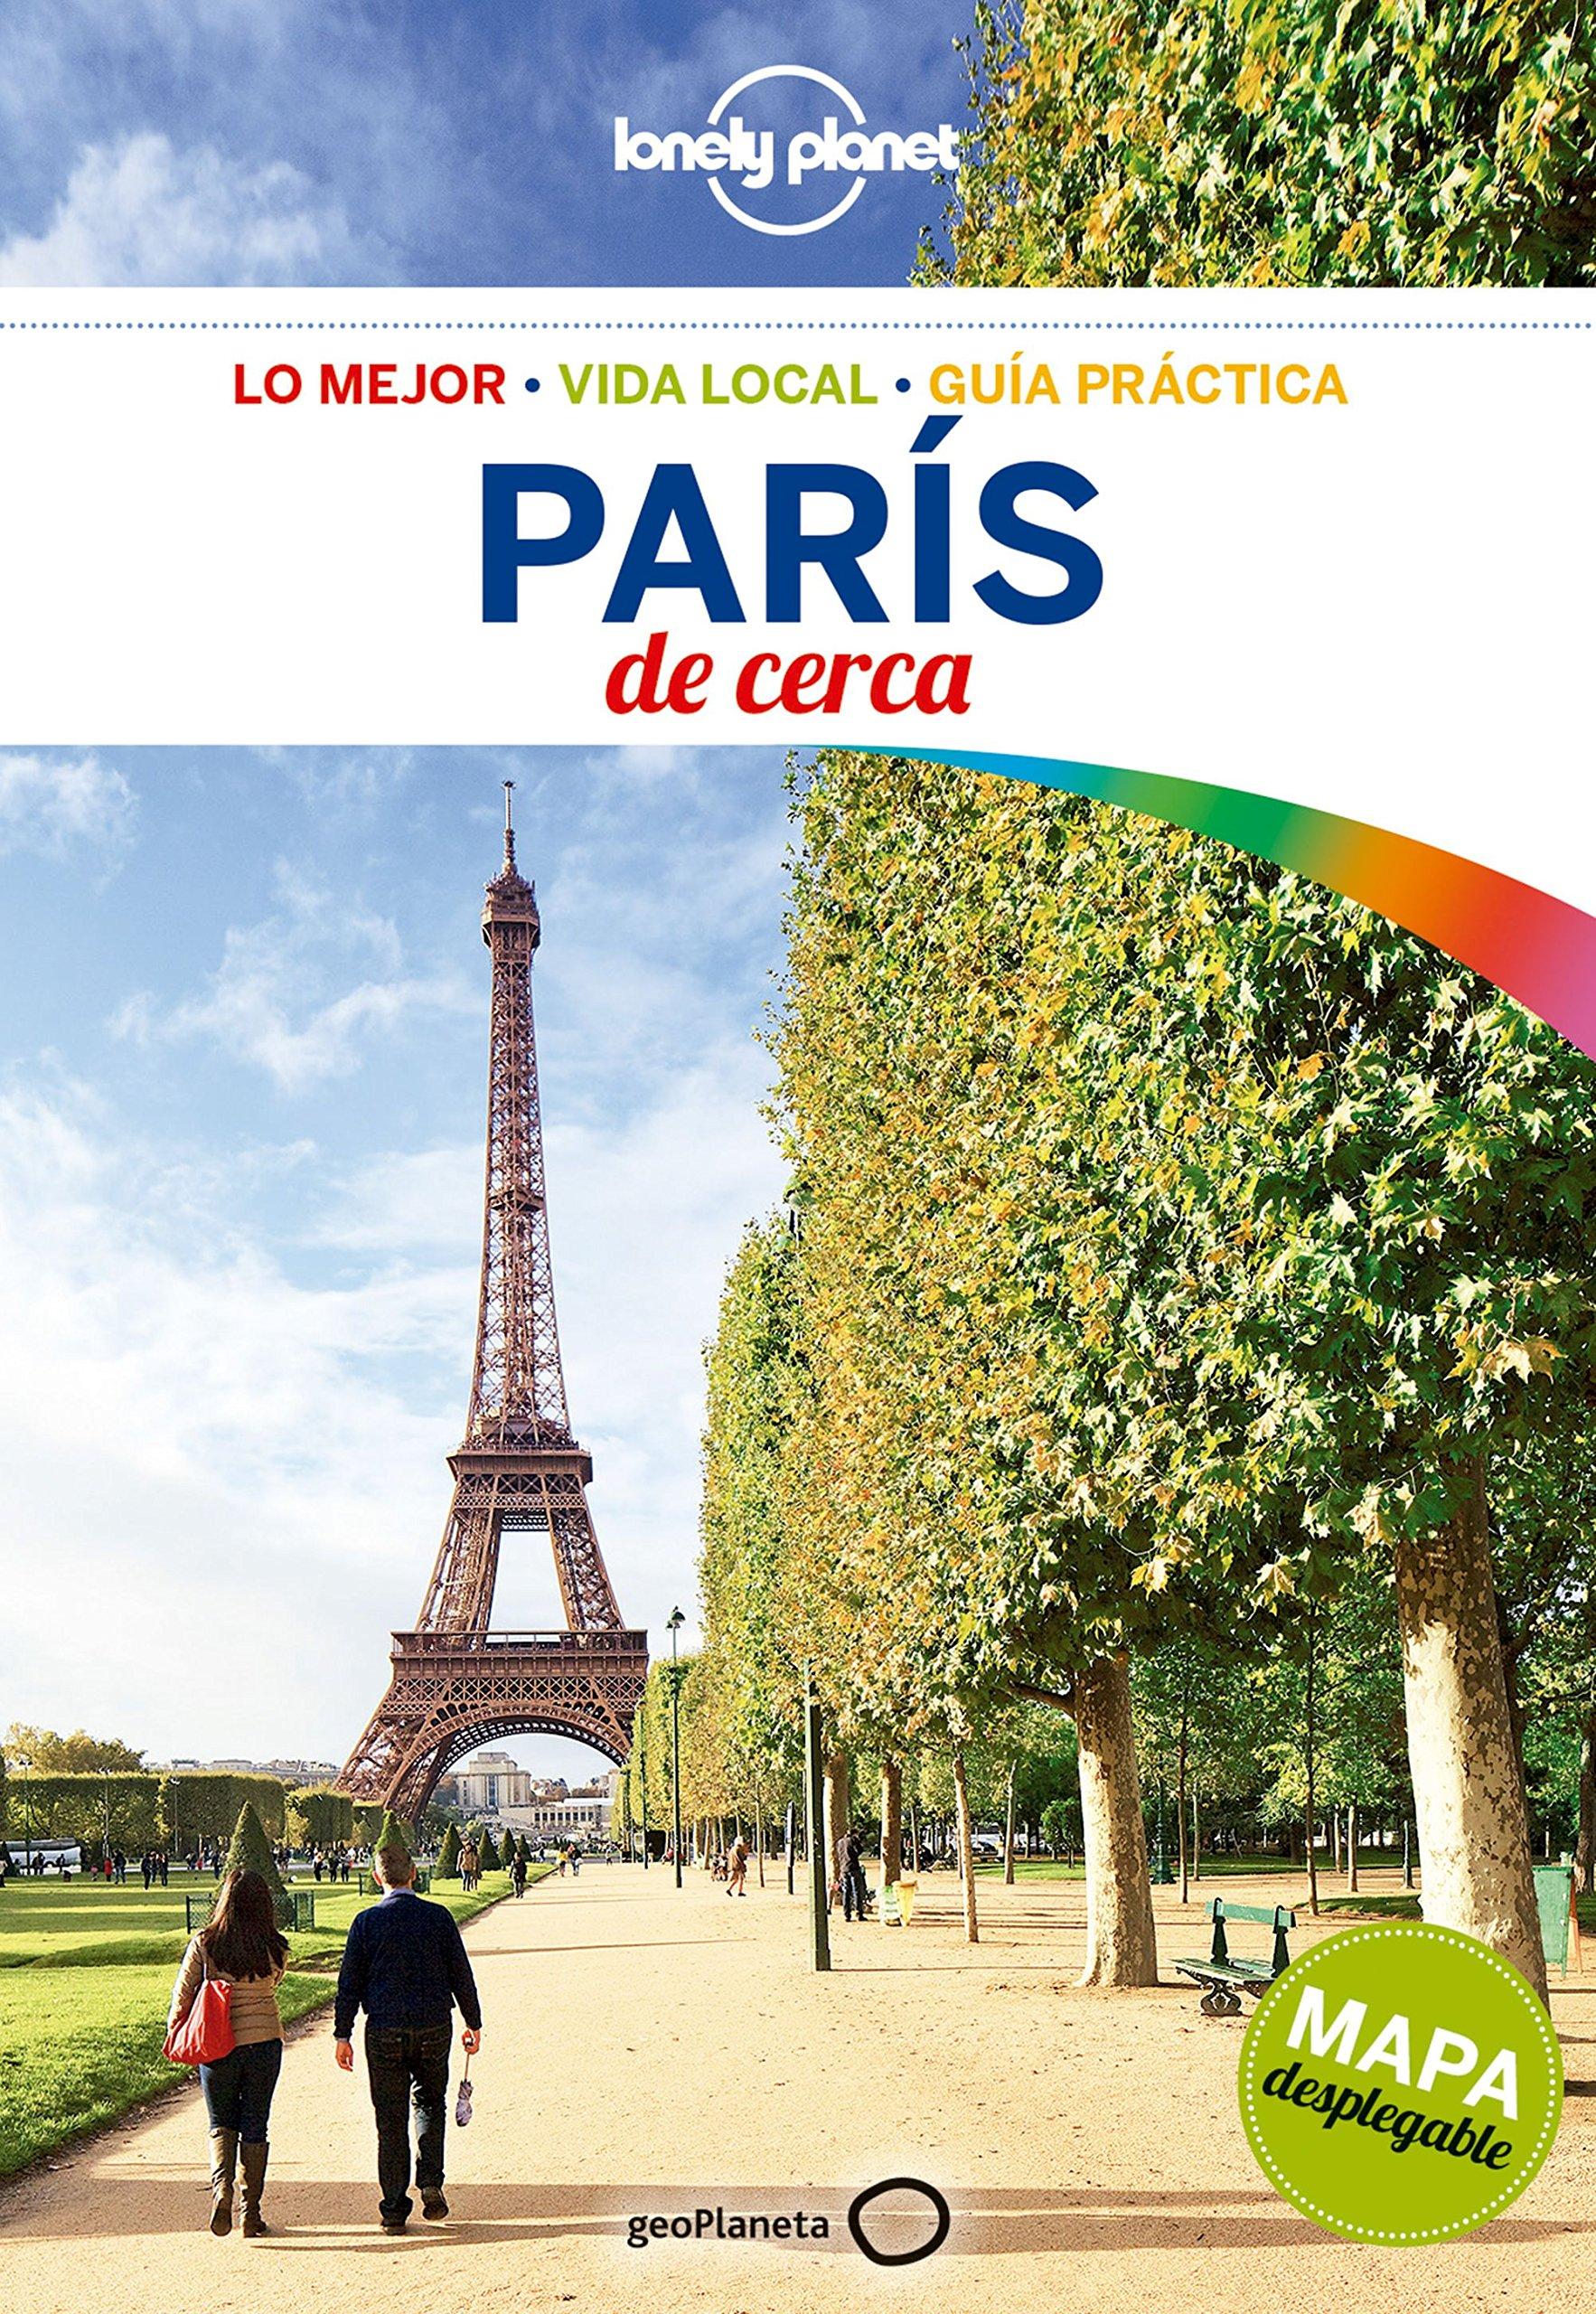 París de cerca 5 (Guías De cerca Lonely Planet) Tapa blanda – 23 may 2017 Catherine Le Nevez Enrique Alda Delgado GeoPlaneta 8408164724